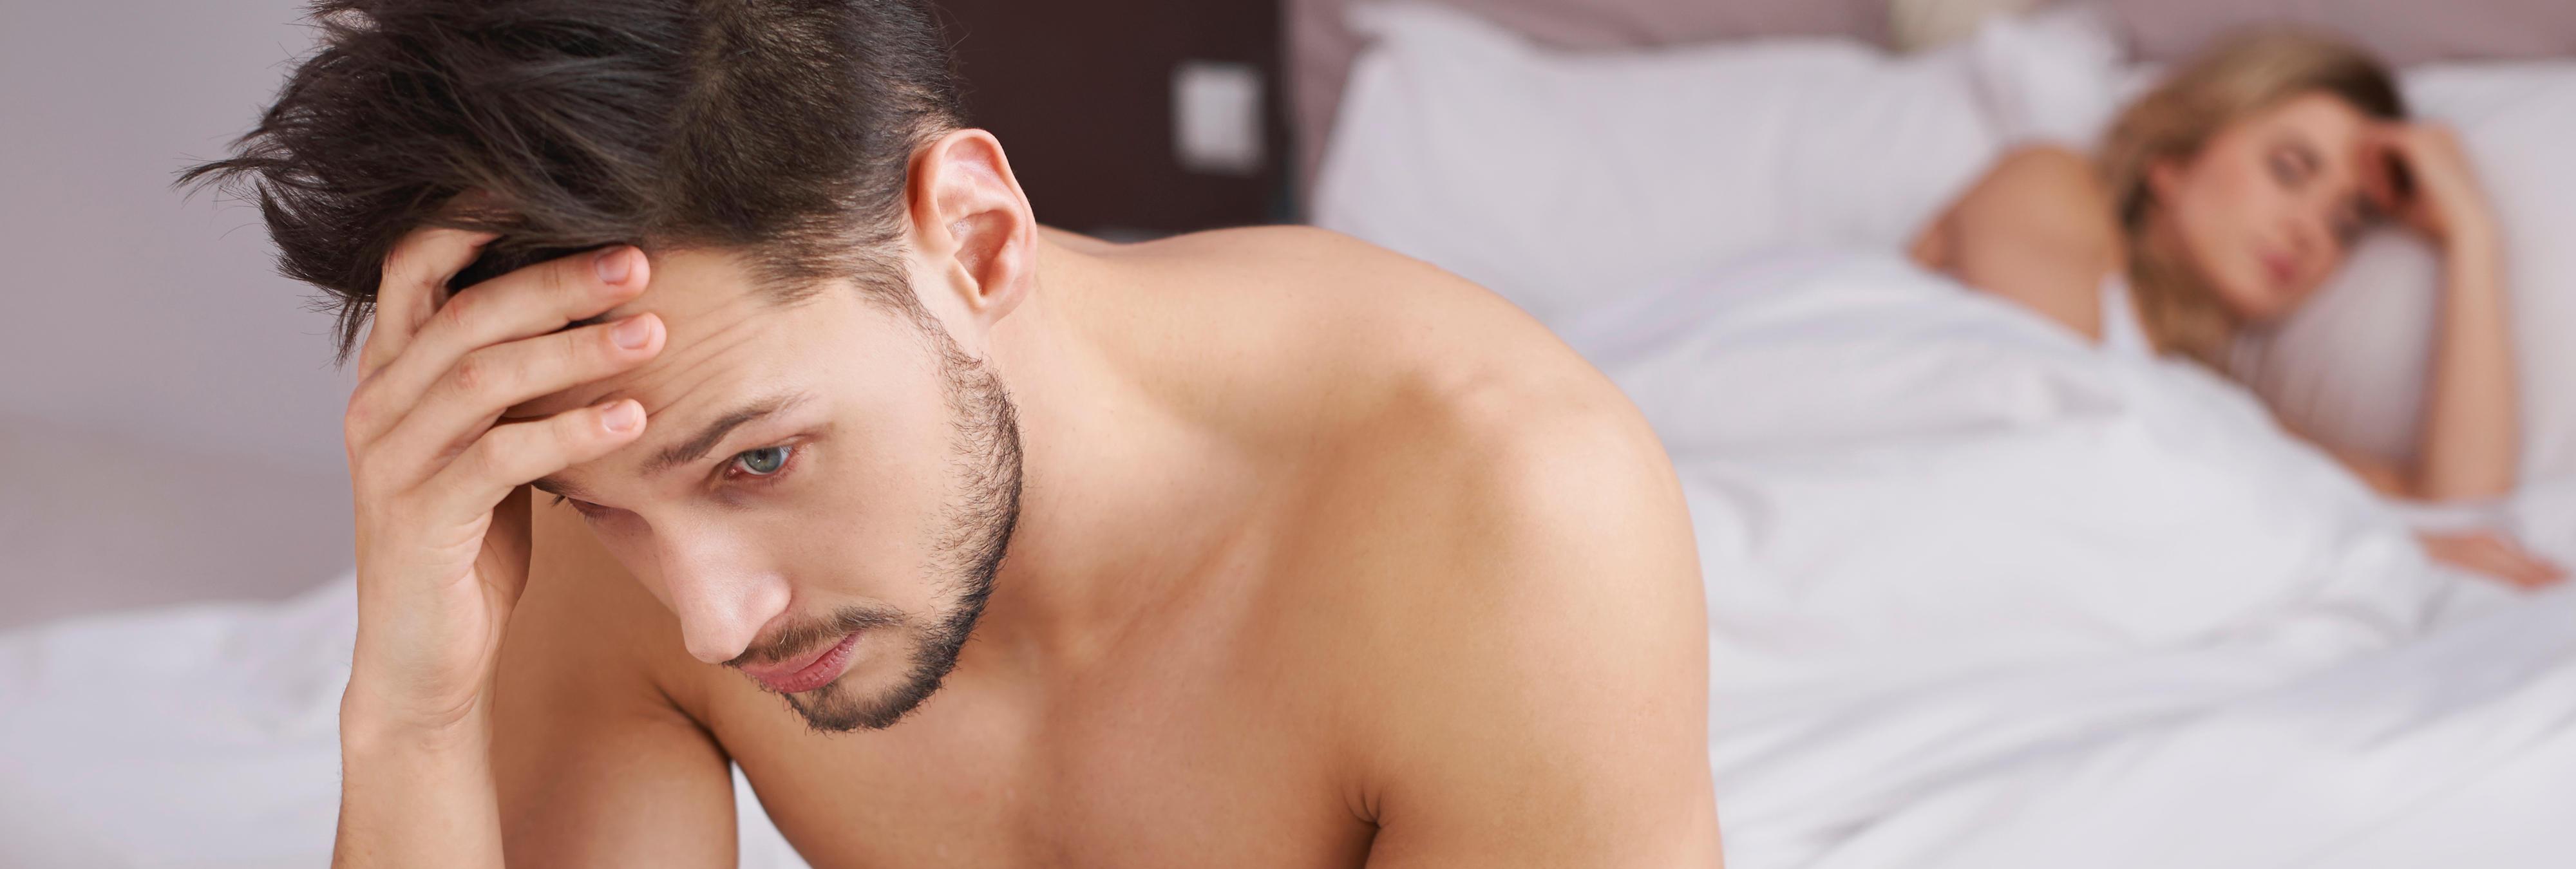 Hay hombres que no consiguen llegar al orgasmo: causas y soluciones